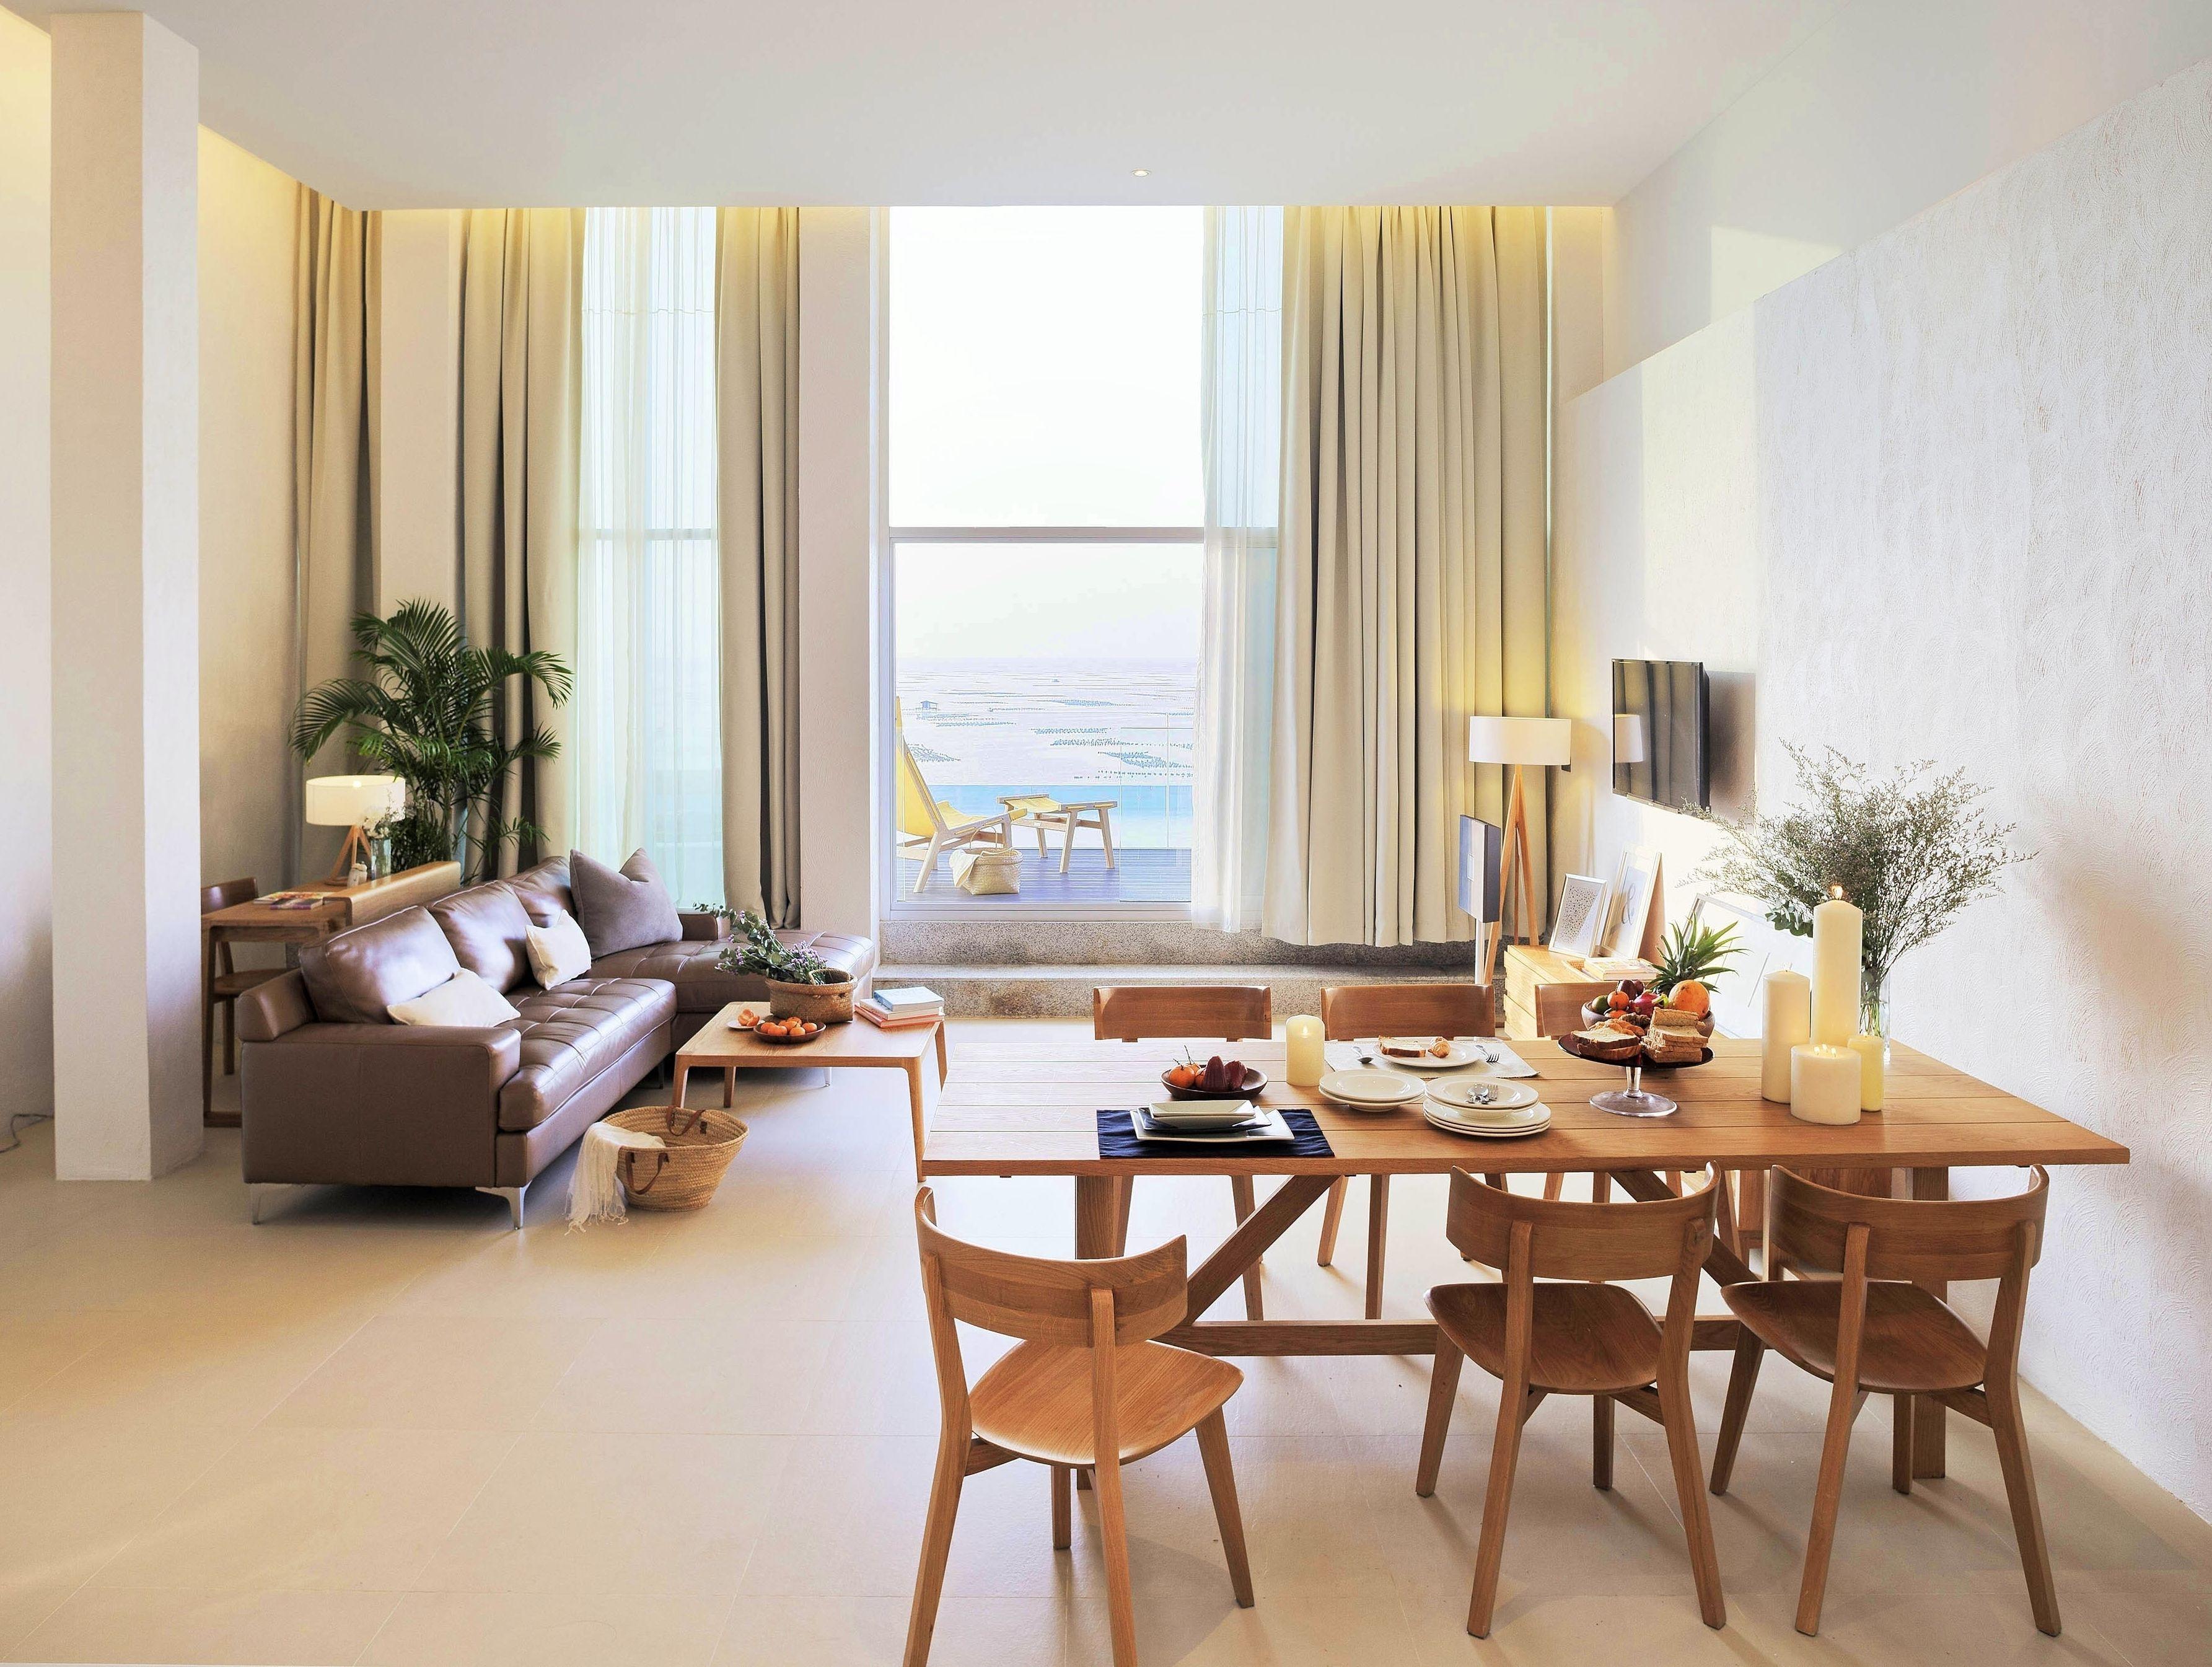 Courtesy of Balcony Seaside Sriracha Hotel and Serviced Apartments / Expedia.com